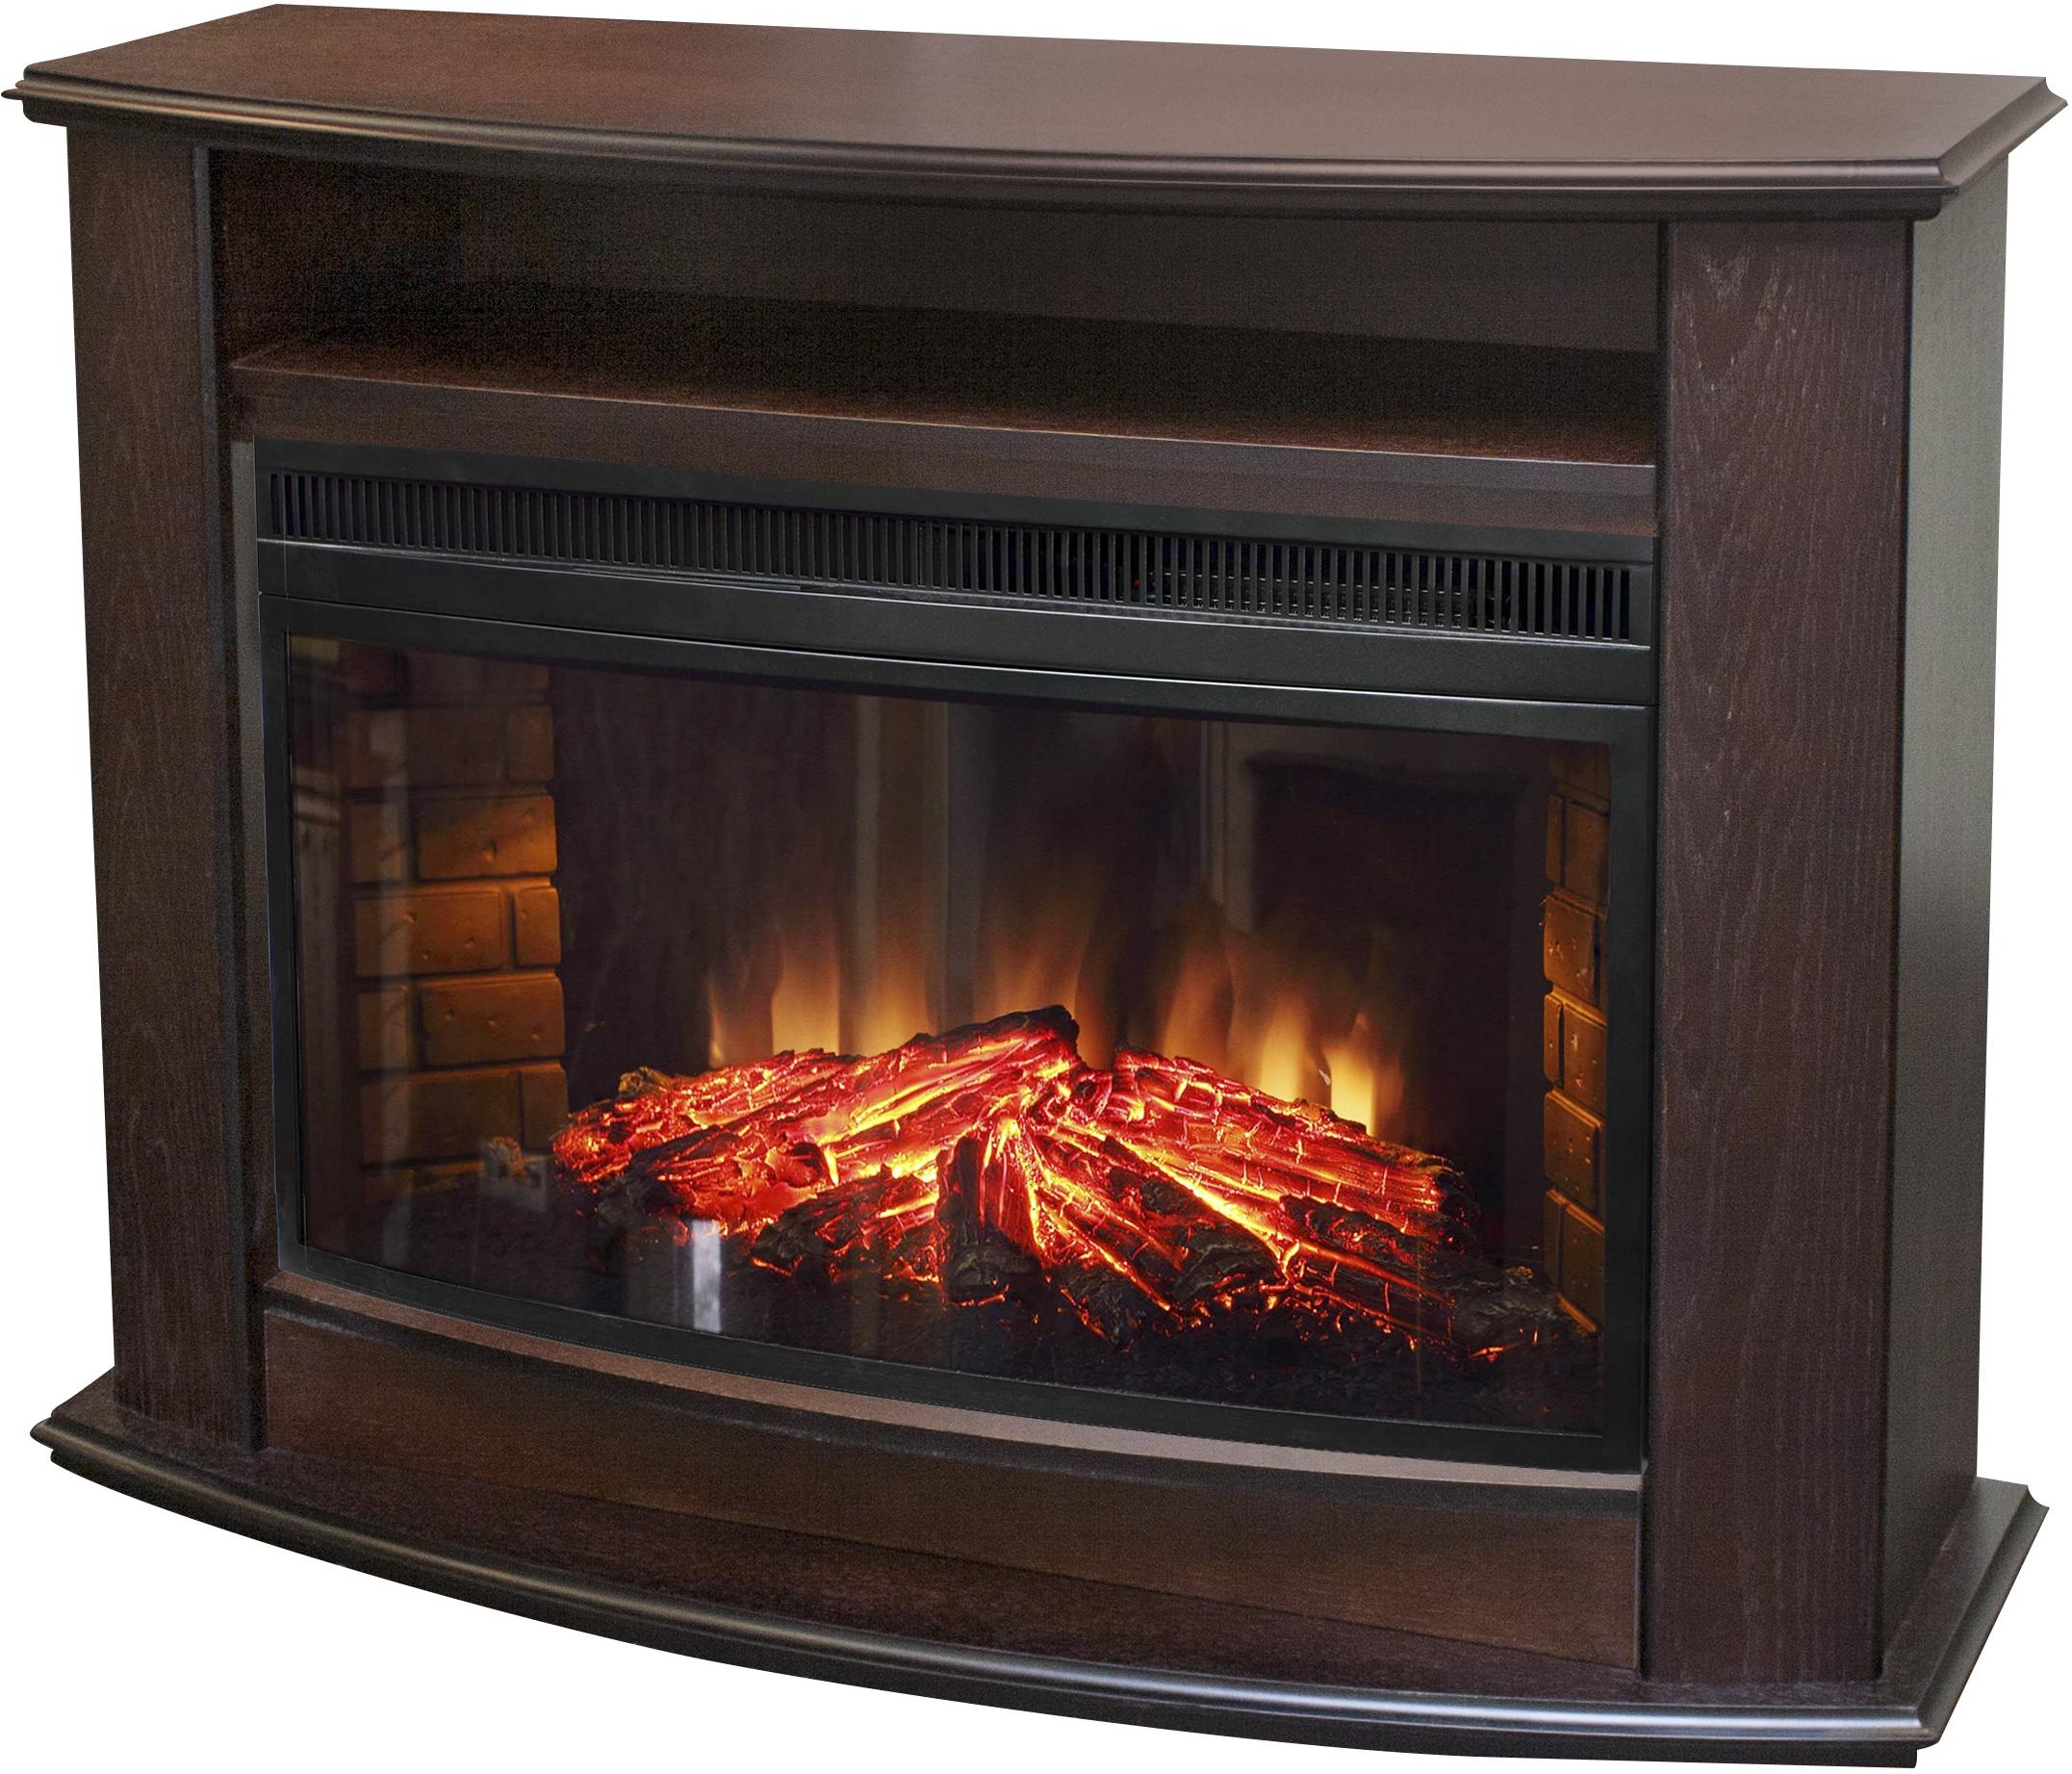 Электрокамин Real flame Govard 33w ao + firespace 33w s ir